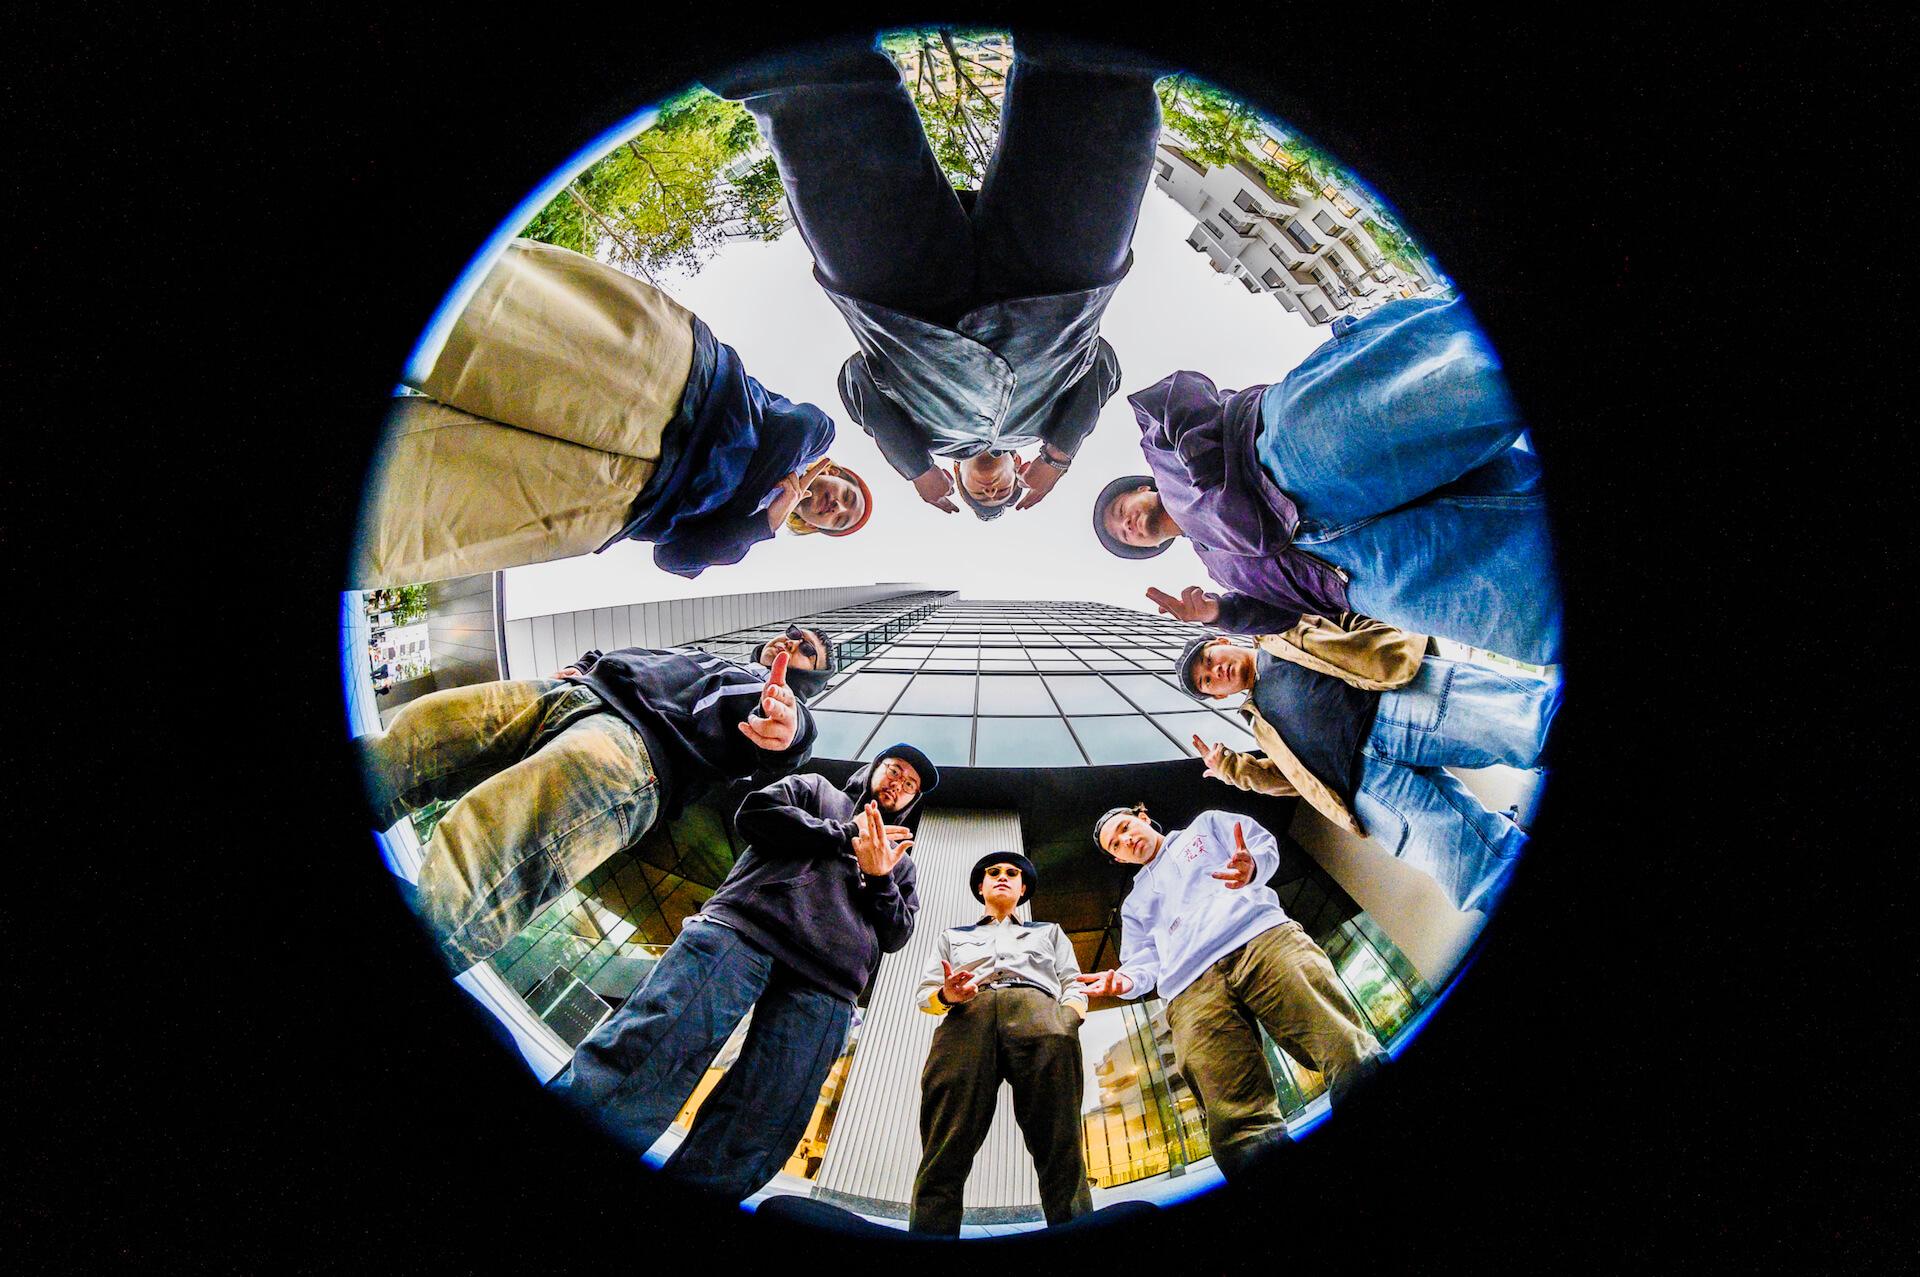 さらなる高みを目指すSANABAGUN.が4thアルバム『BALLADS』で求めた変化 interview-sanabagun-2